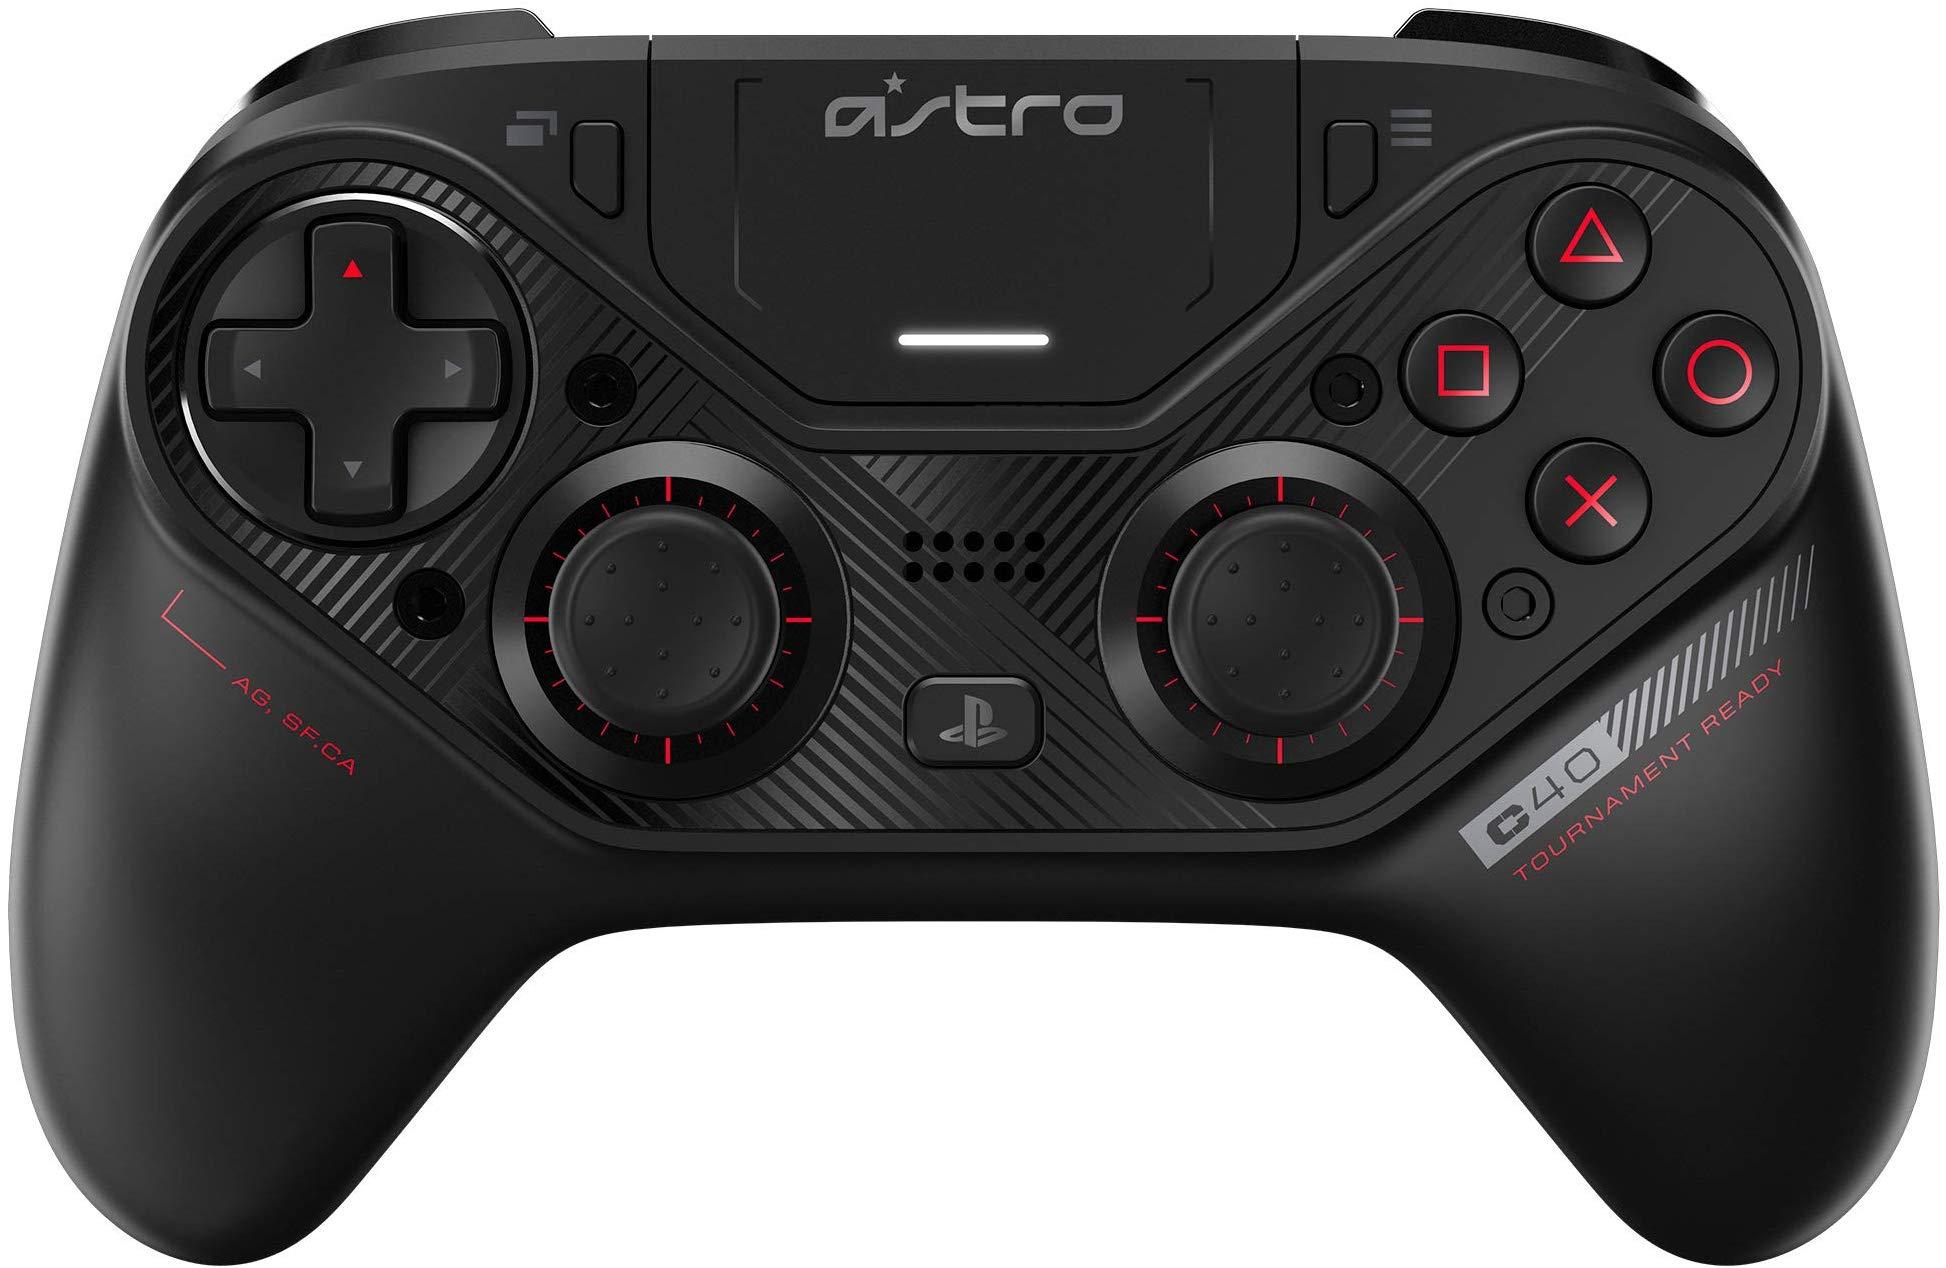 Astro C40